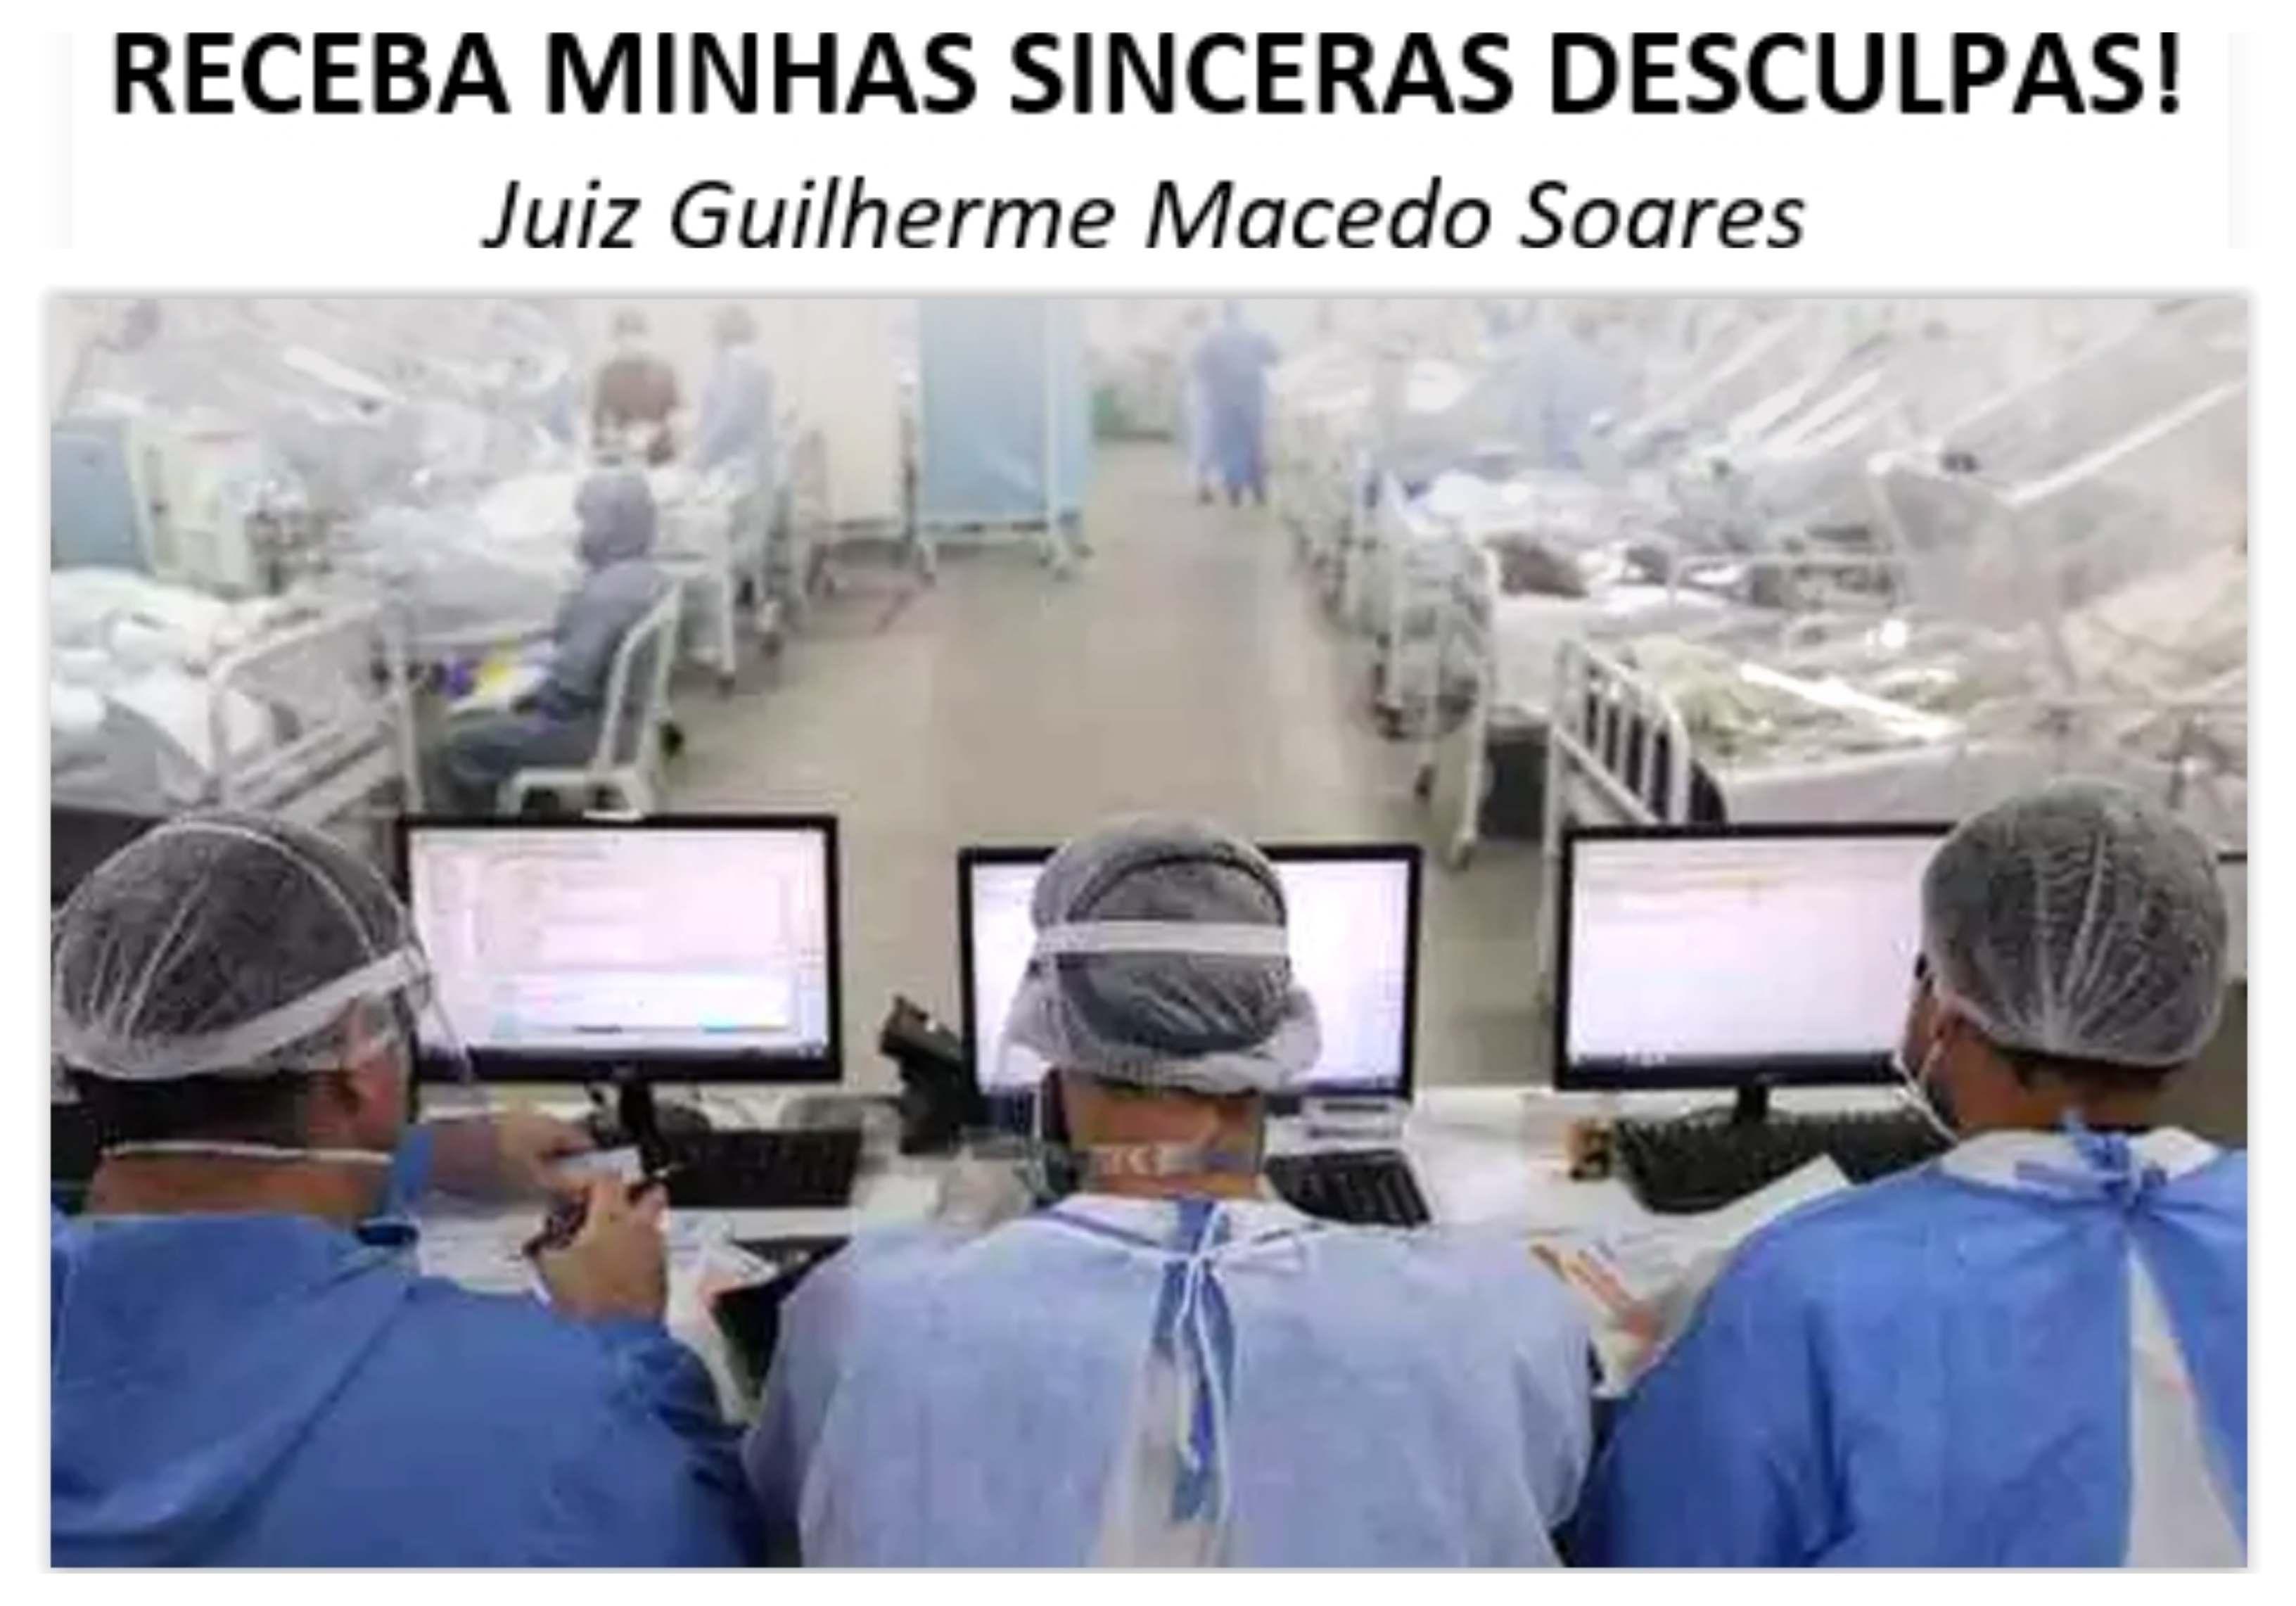 Juiz condena mulher que chamou médico de comunista por não receitar cloroquina; advogada e médica aplaudem decisão; íntegra